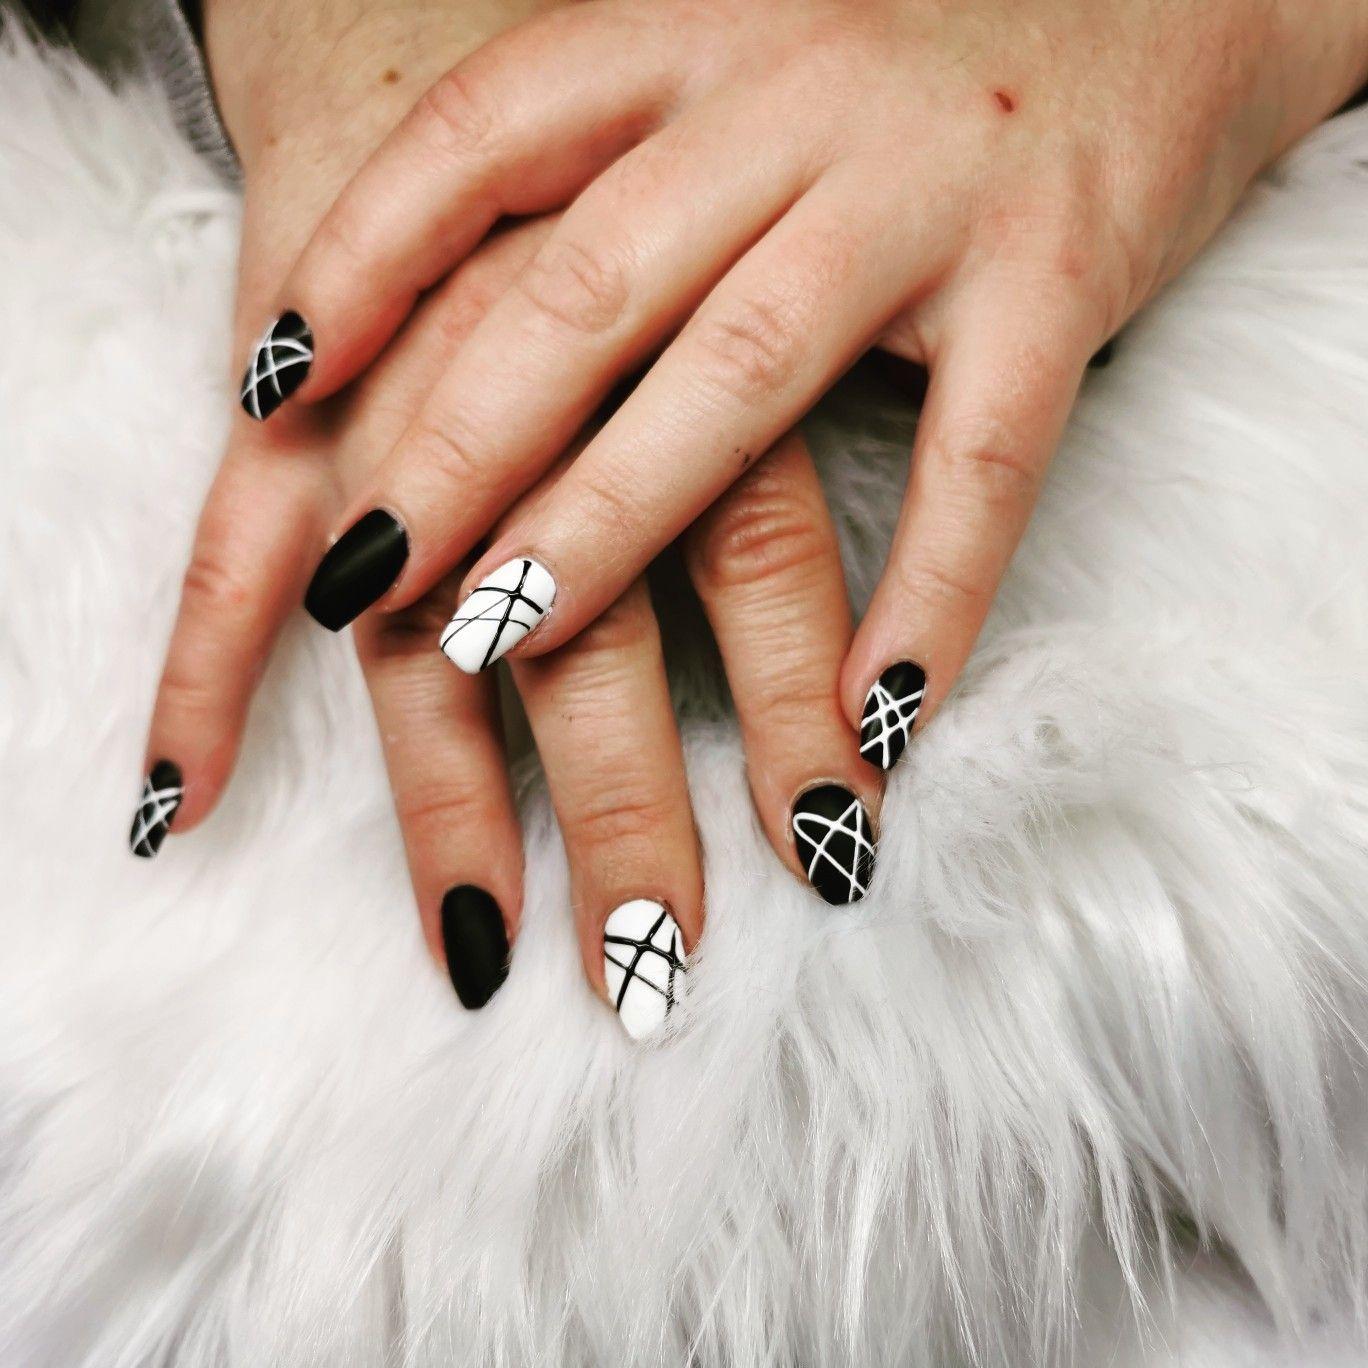 Naildesign Nägel Schwarz Weiß Nägel Schwarz Fingernägel Schwarz Weiß